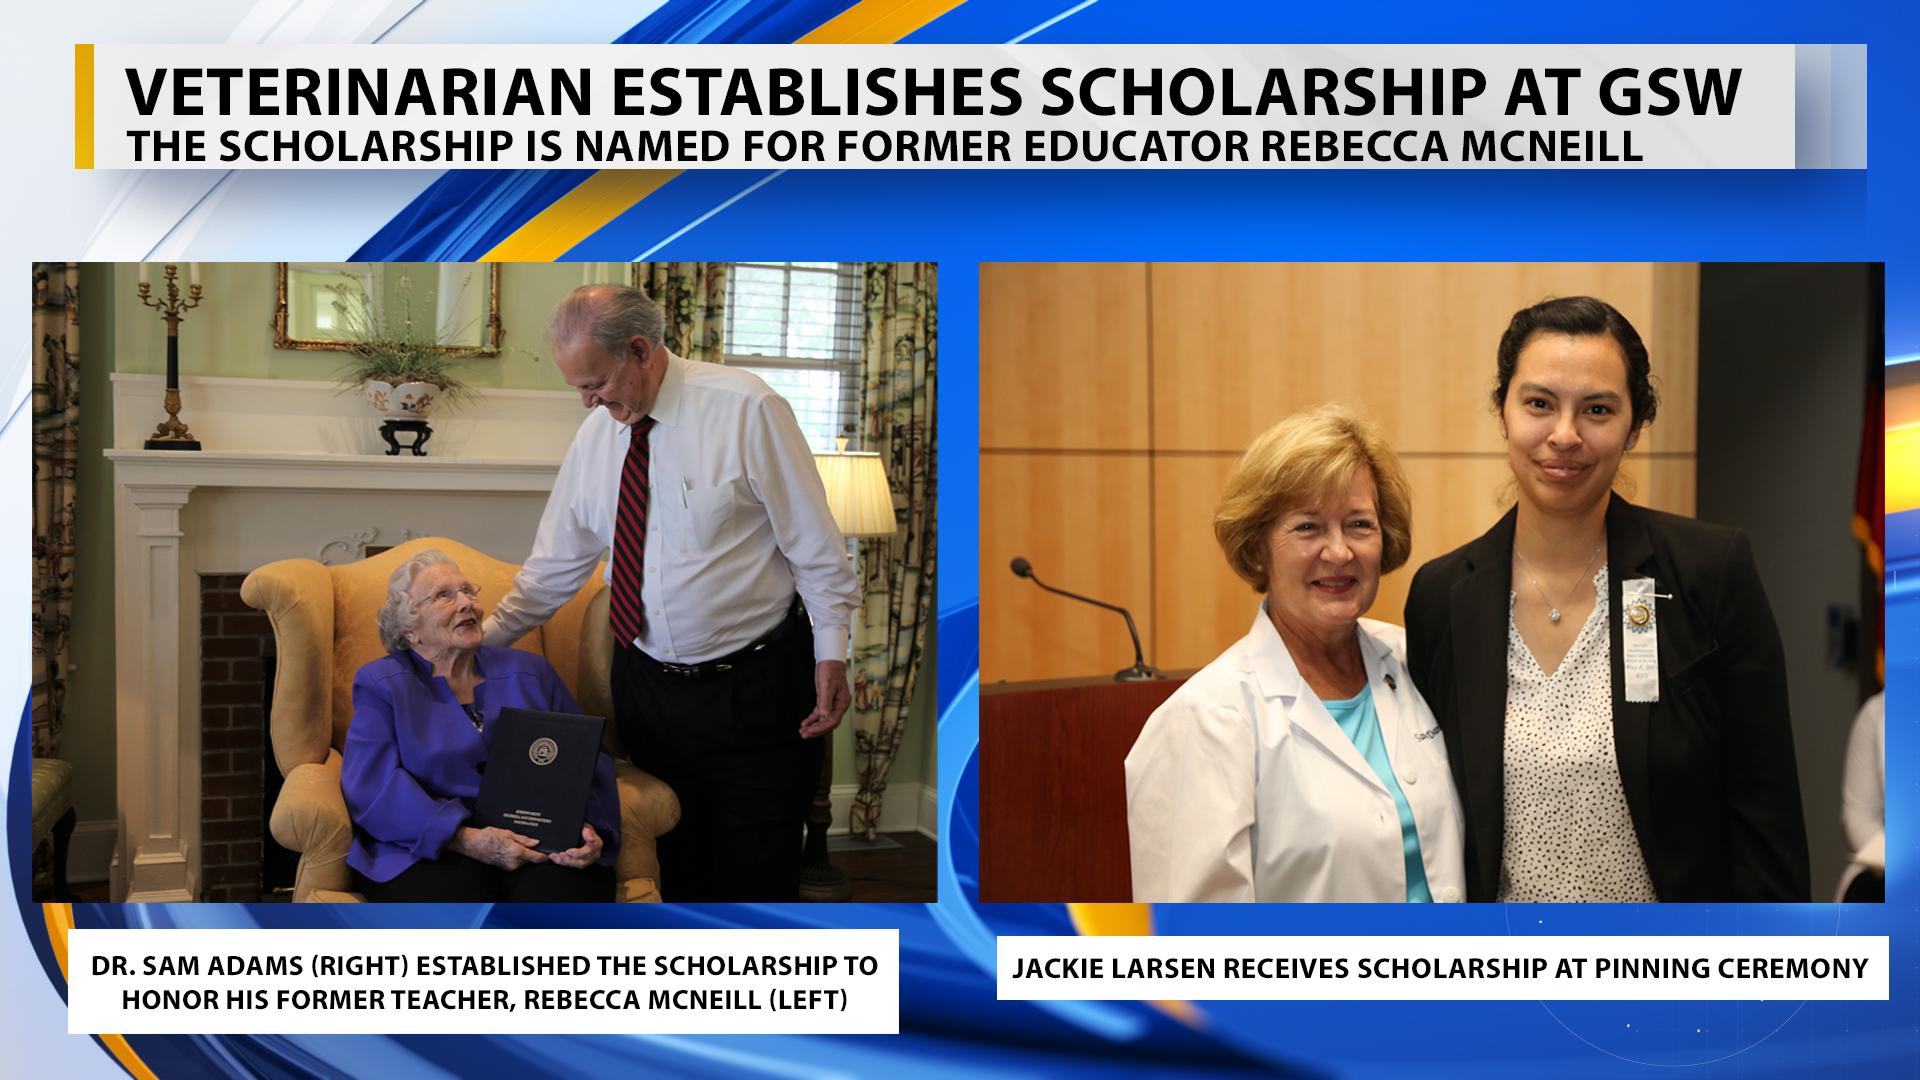 scholarships_1557951649989.jpg